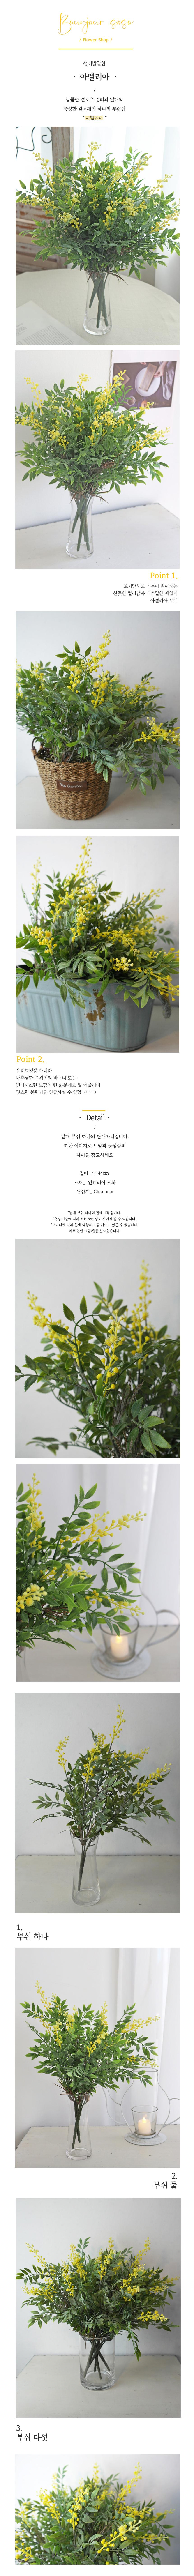 생기발랄한 그린과 옐로우 컬러의 아멜리아 - 실크플라워 인테리어조화 - 봉주르소소, 9,120원, 조화, 부쉬